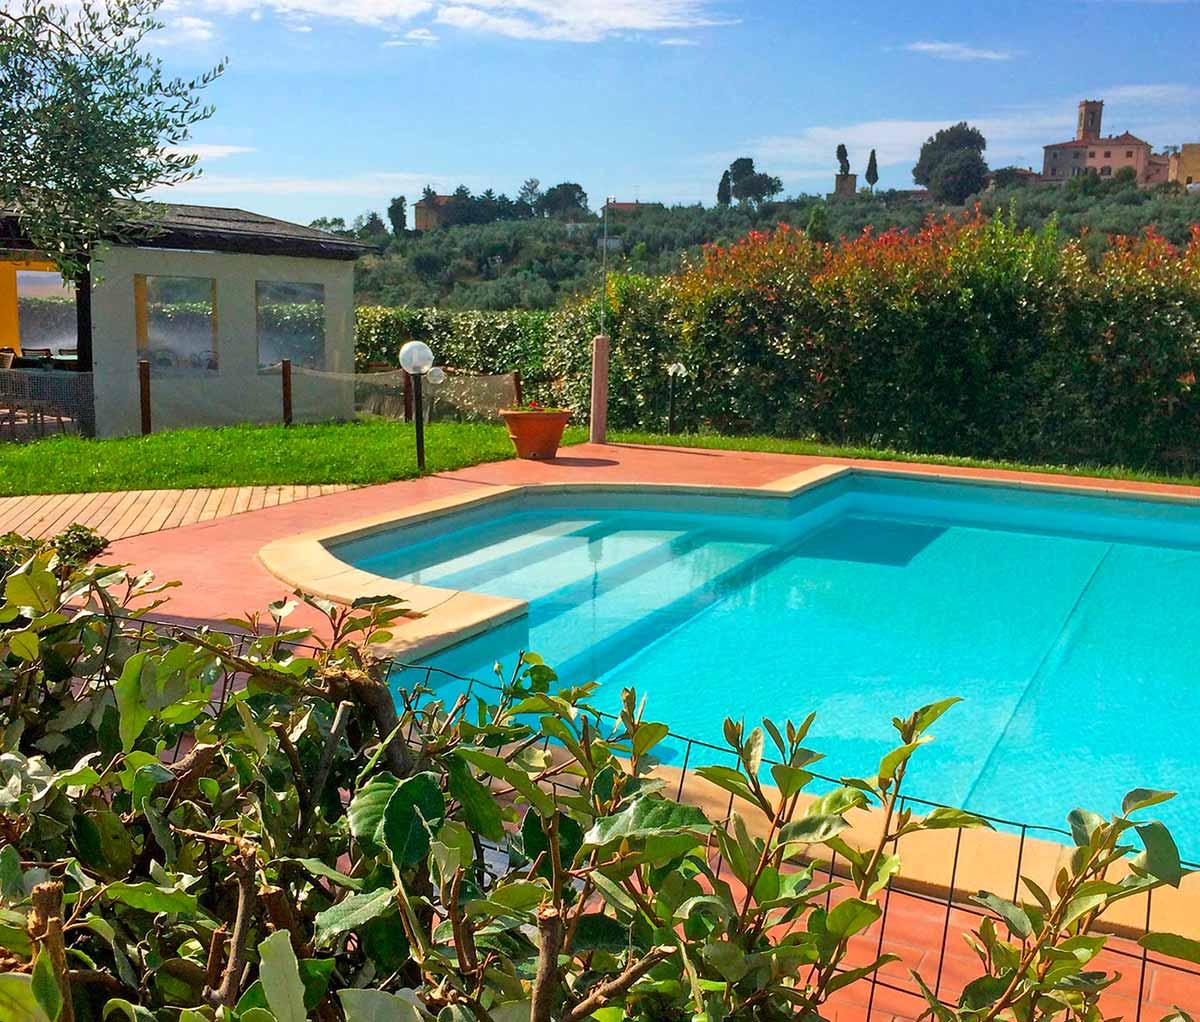 Agriturismo con piscina in toscana podere cortesi - Agriturismo firenze con piscina ...